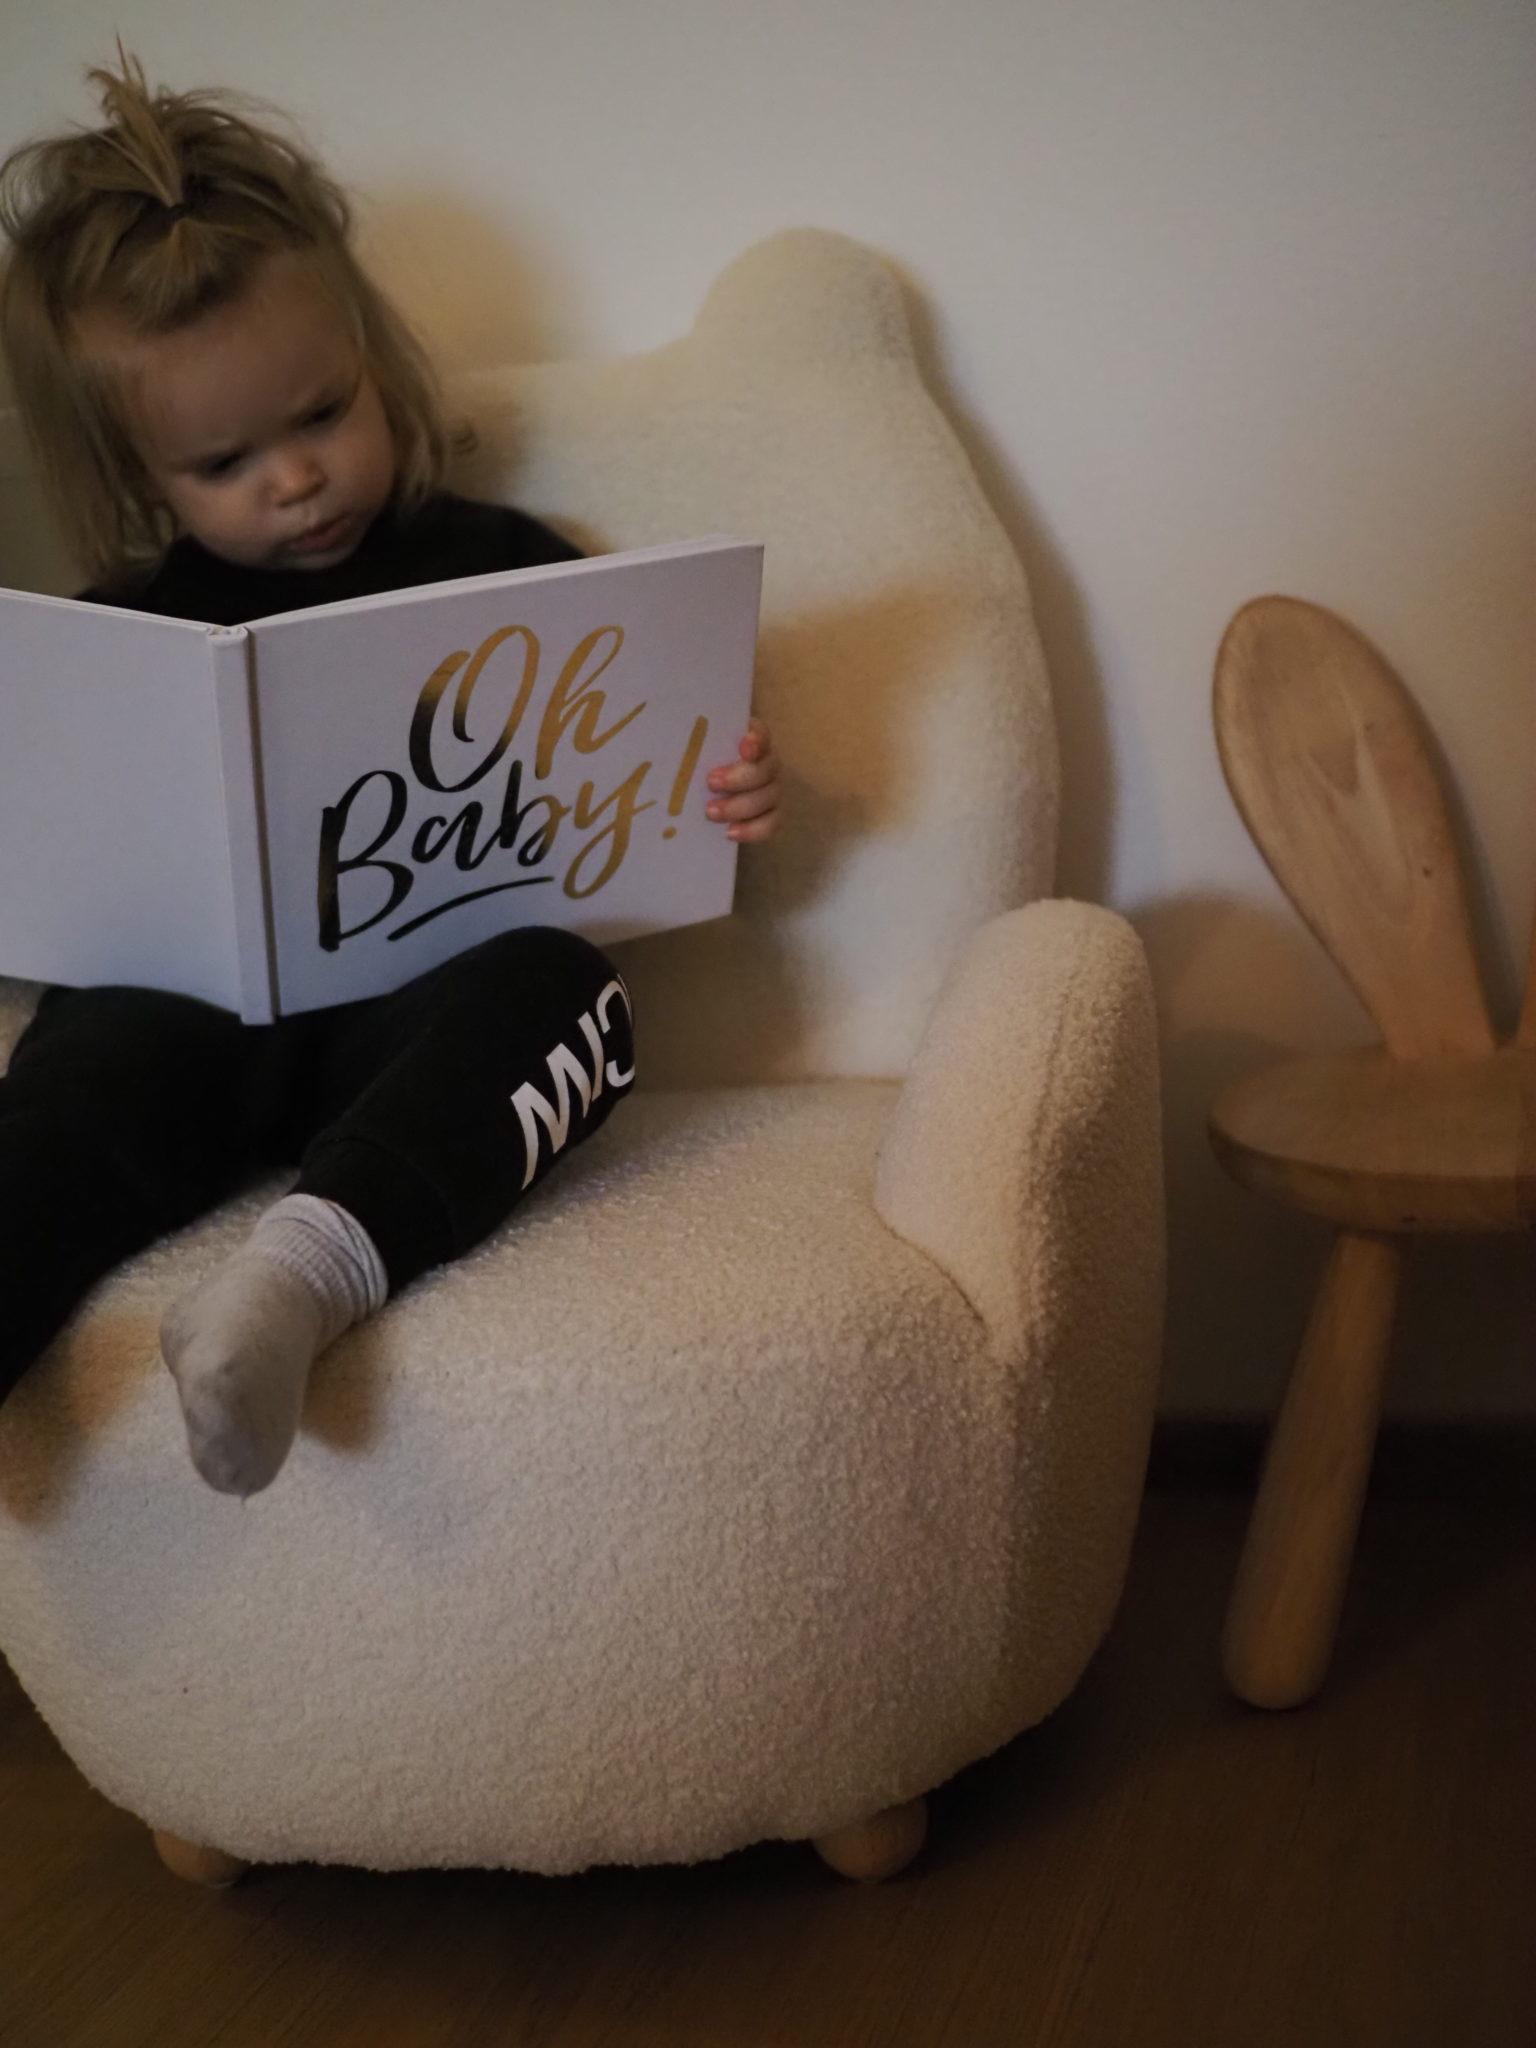 lasten nojatuoli, lastenhuoneen sisustaminen